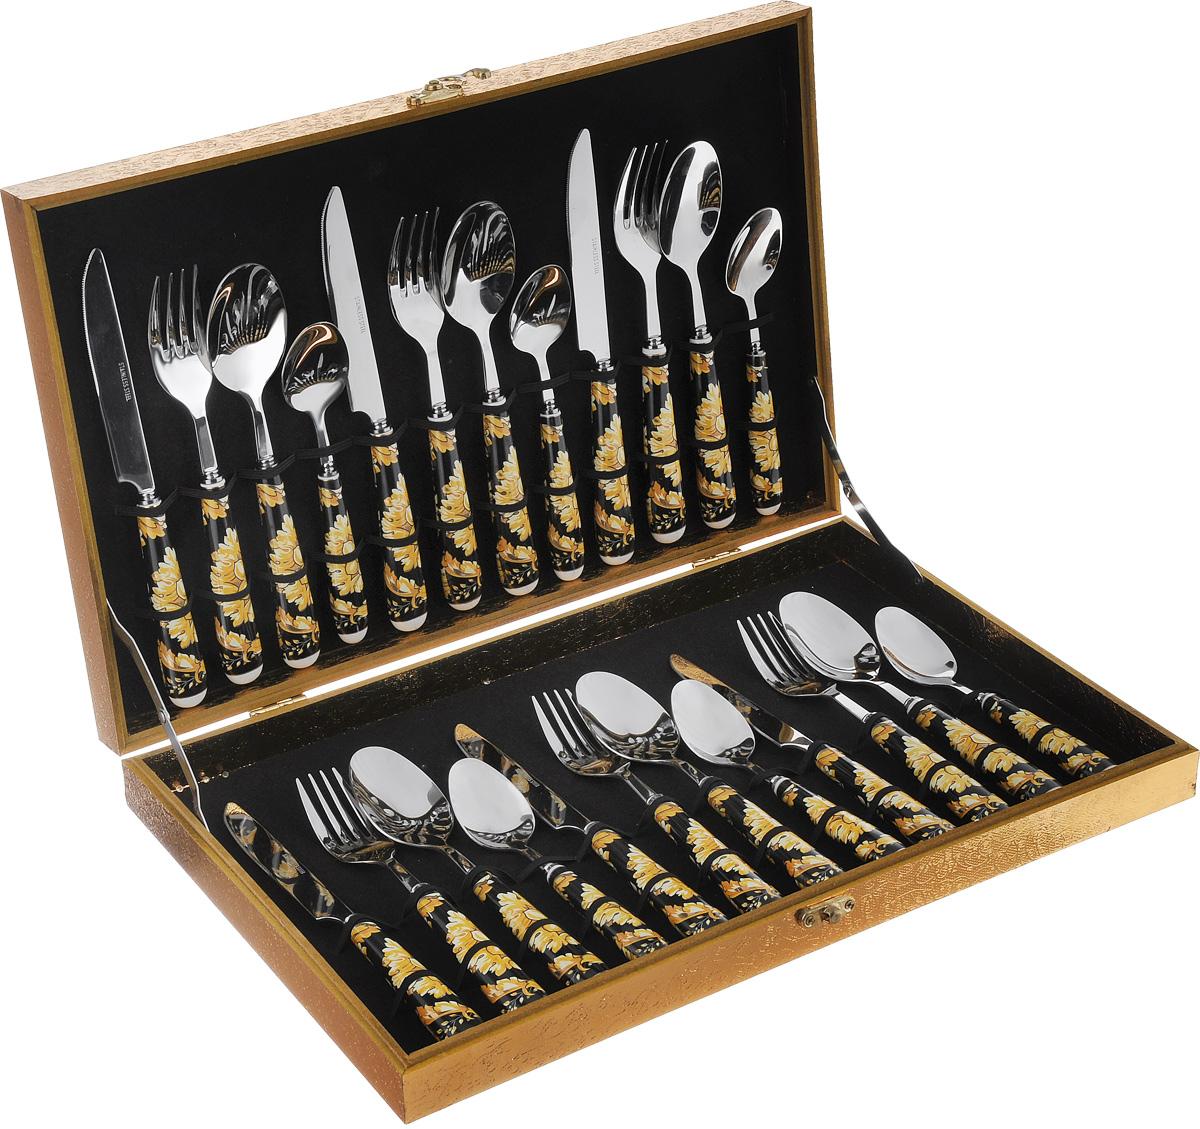 Набор столовых приборов Mayer&Boch Версаче, 24 предмета24918Набор Mayer & Boch Версаче состоит из 24 предметов: 6 столовых ложек, 6 вилок, 6 ножей, 6 чайных ложек. Столовые приборы изготовлены из высококачественной нержавеющей стали с зеркальной полировкой. Изящные фарфоровые ручки декорированы красивыми разноцветными узорами.Набор подходит как для ежедневного использования, так и для торжественных случаев. Приборы хранятся в специальной подарочной коробке золотистого цвета, закрывающейся на замок-задвижку. Столовые наборы являются важной составляющей каждого дома. Стильный, лаконичный дизайн и отличное качество делают столовые приборы Mayer & Boch желанной покупкой для любого, даже самого взыскательного клиента.Длина столовой ложки/вилки: 20 см. Длина ножа: 22 см. Длина чайной ложки: 16,5 см.